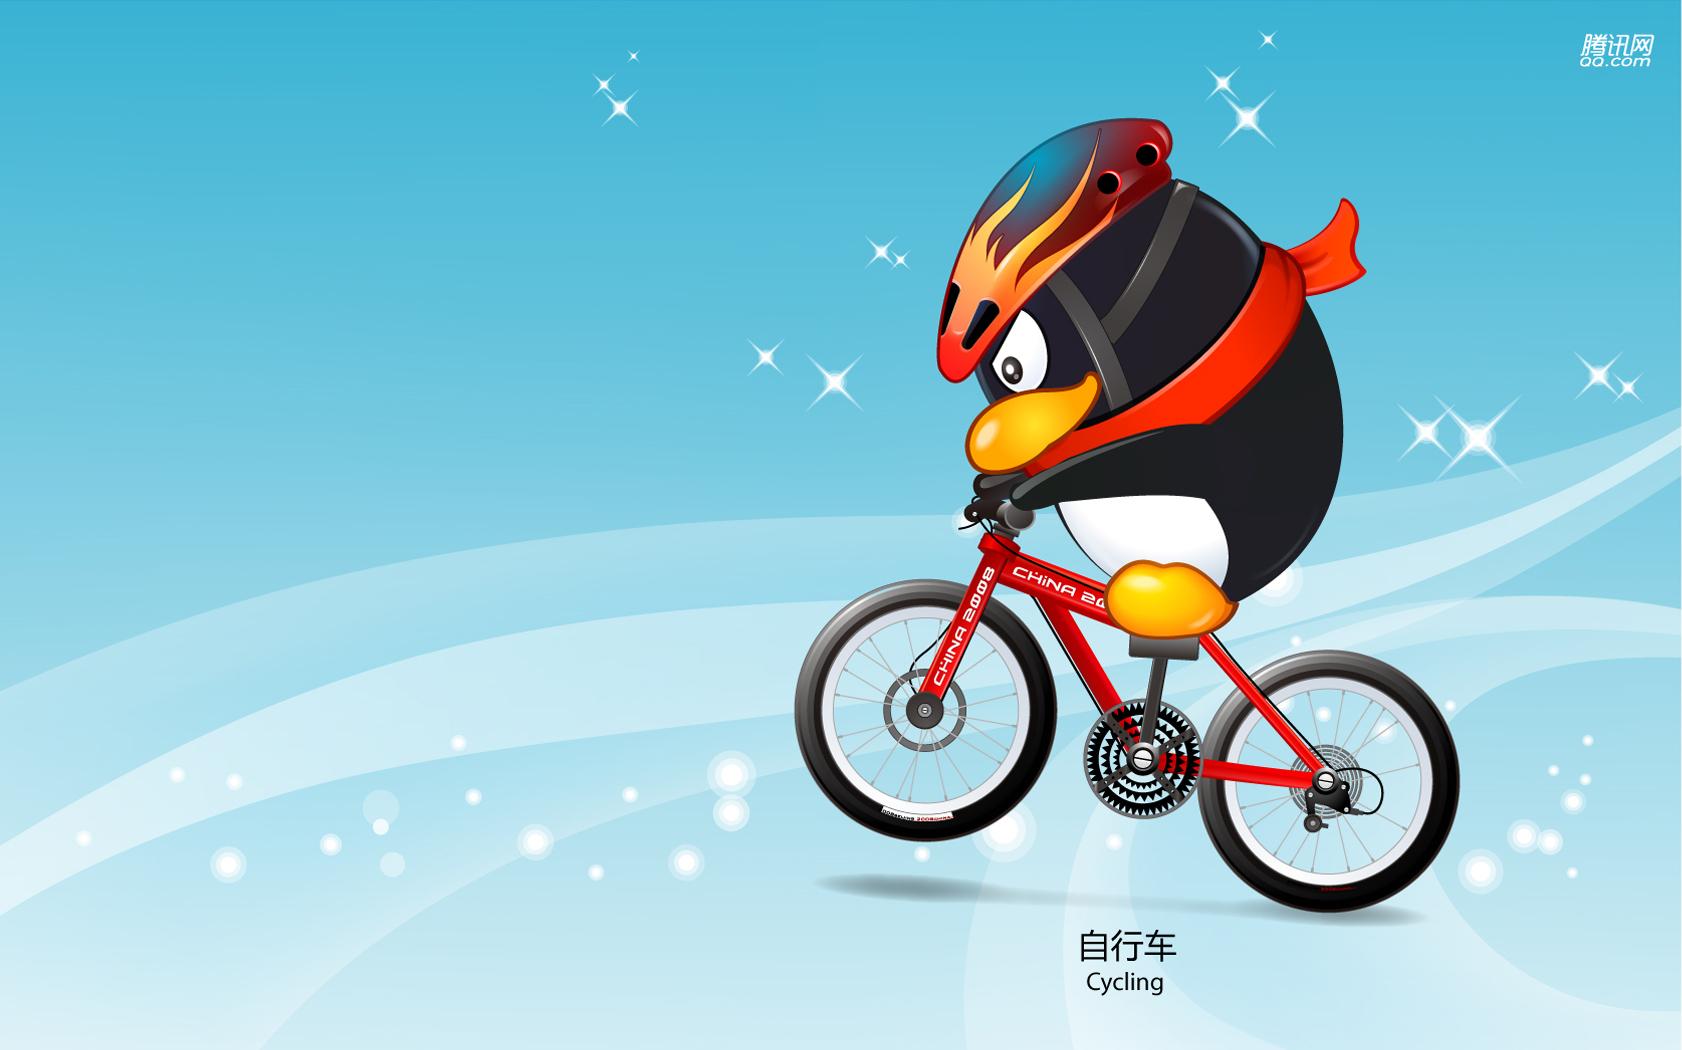 Пекин олимпиада 2008, символ, пингвин, велоспорт, BMX, скачать фото, обои для рабочего стола